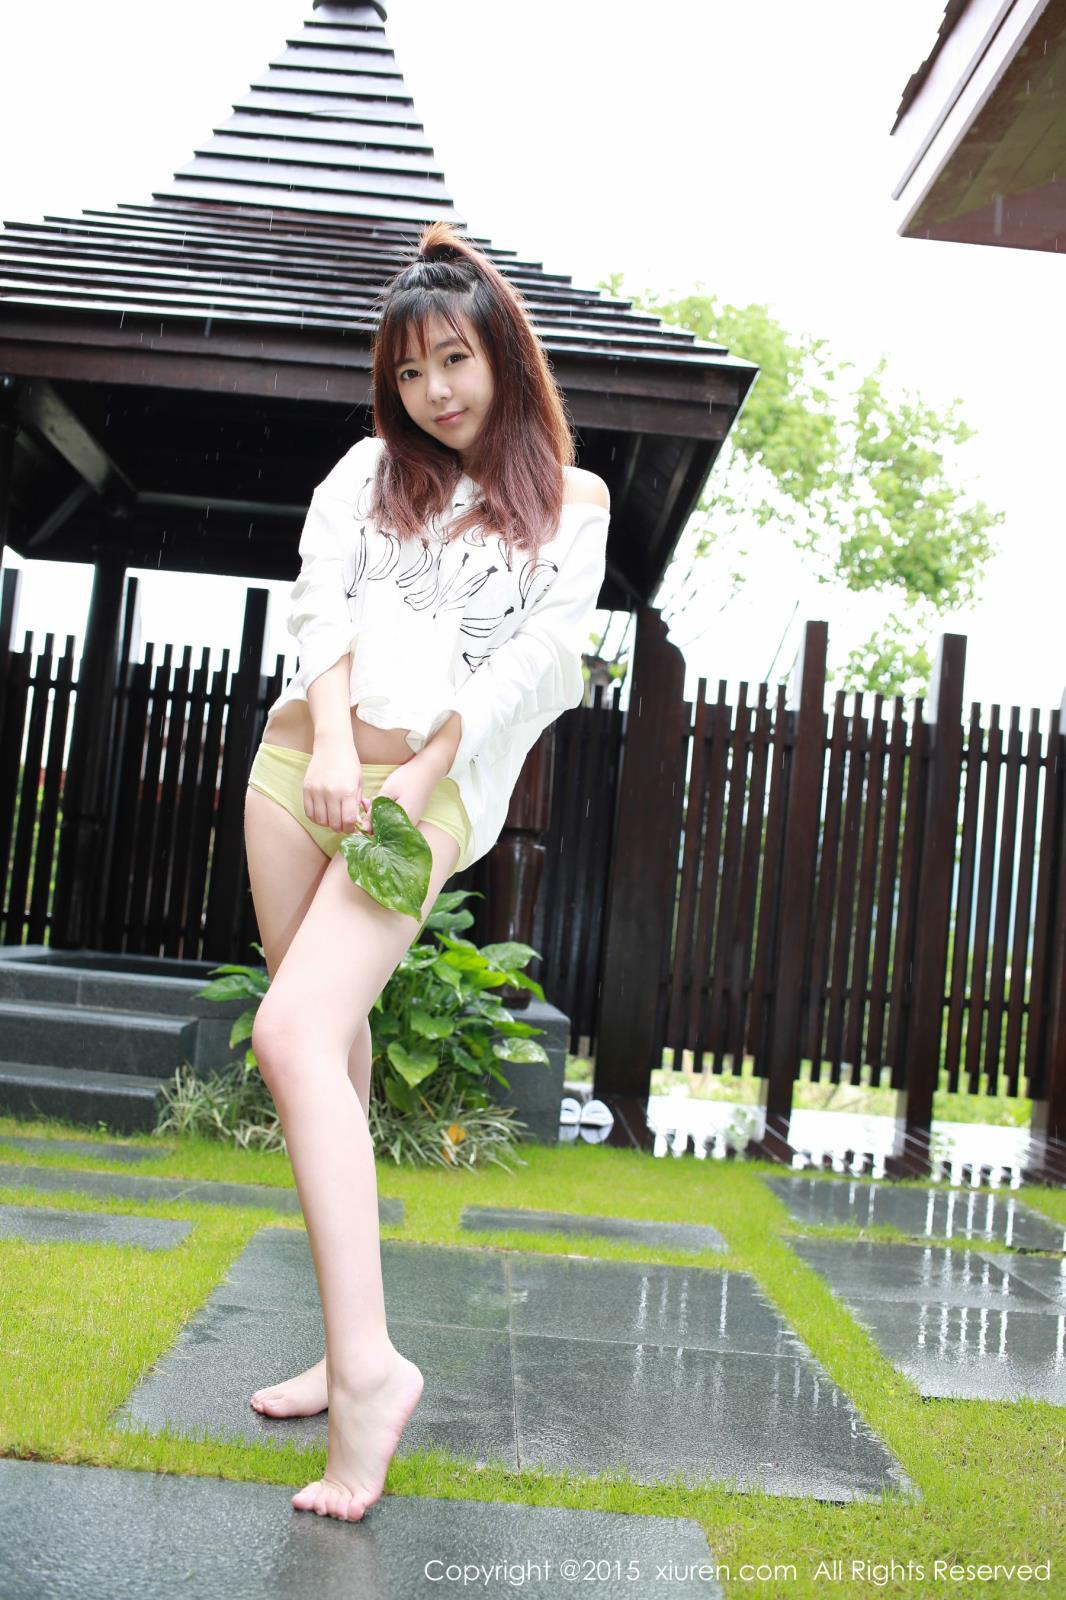 秀人网性感女神刘飞儿Faye泳装美胸翘臀心愿旅拍